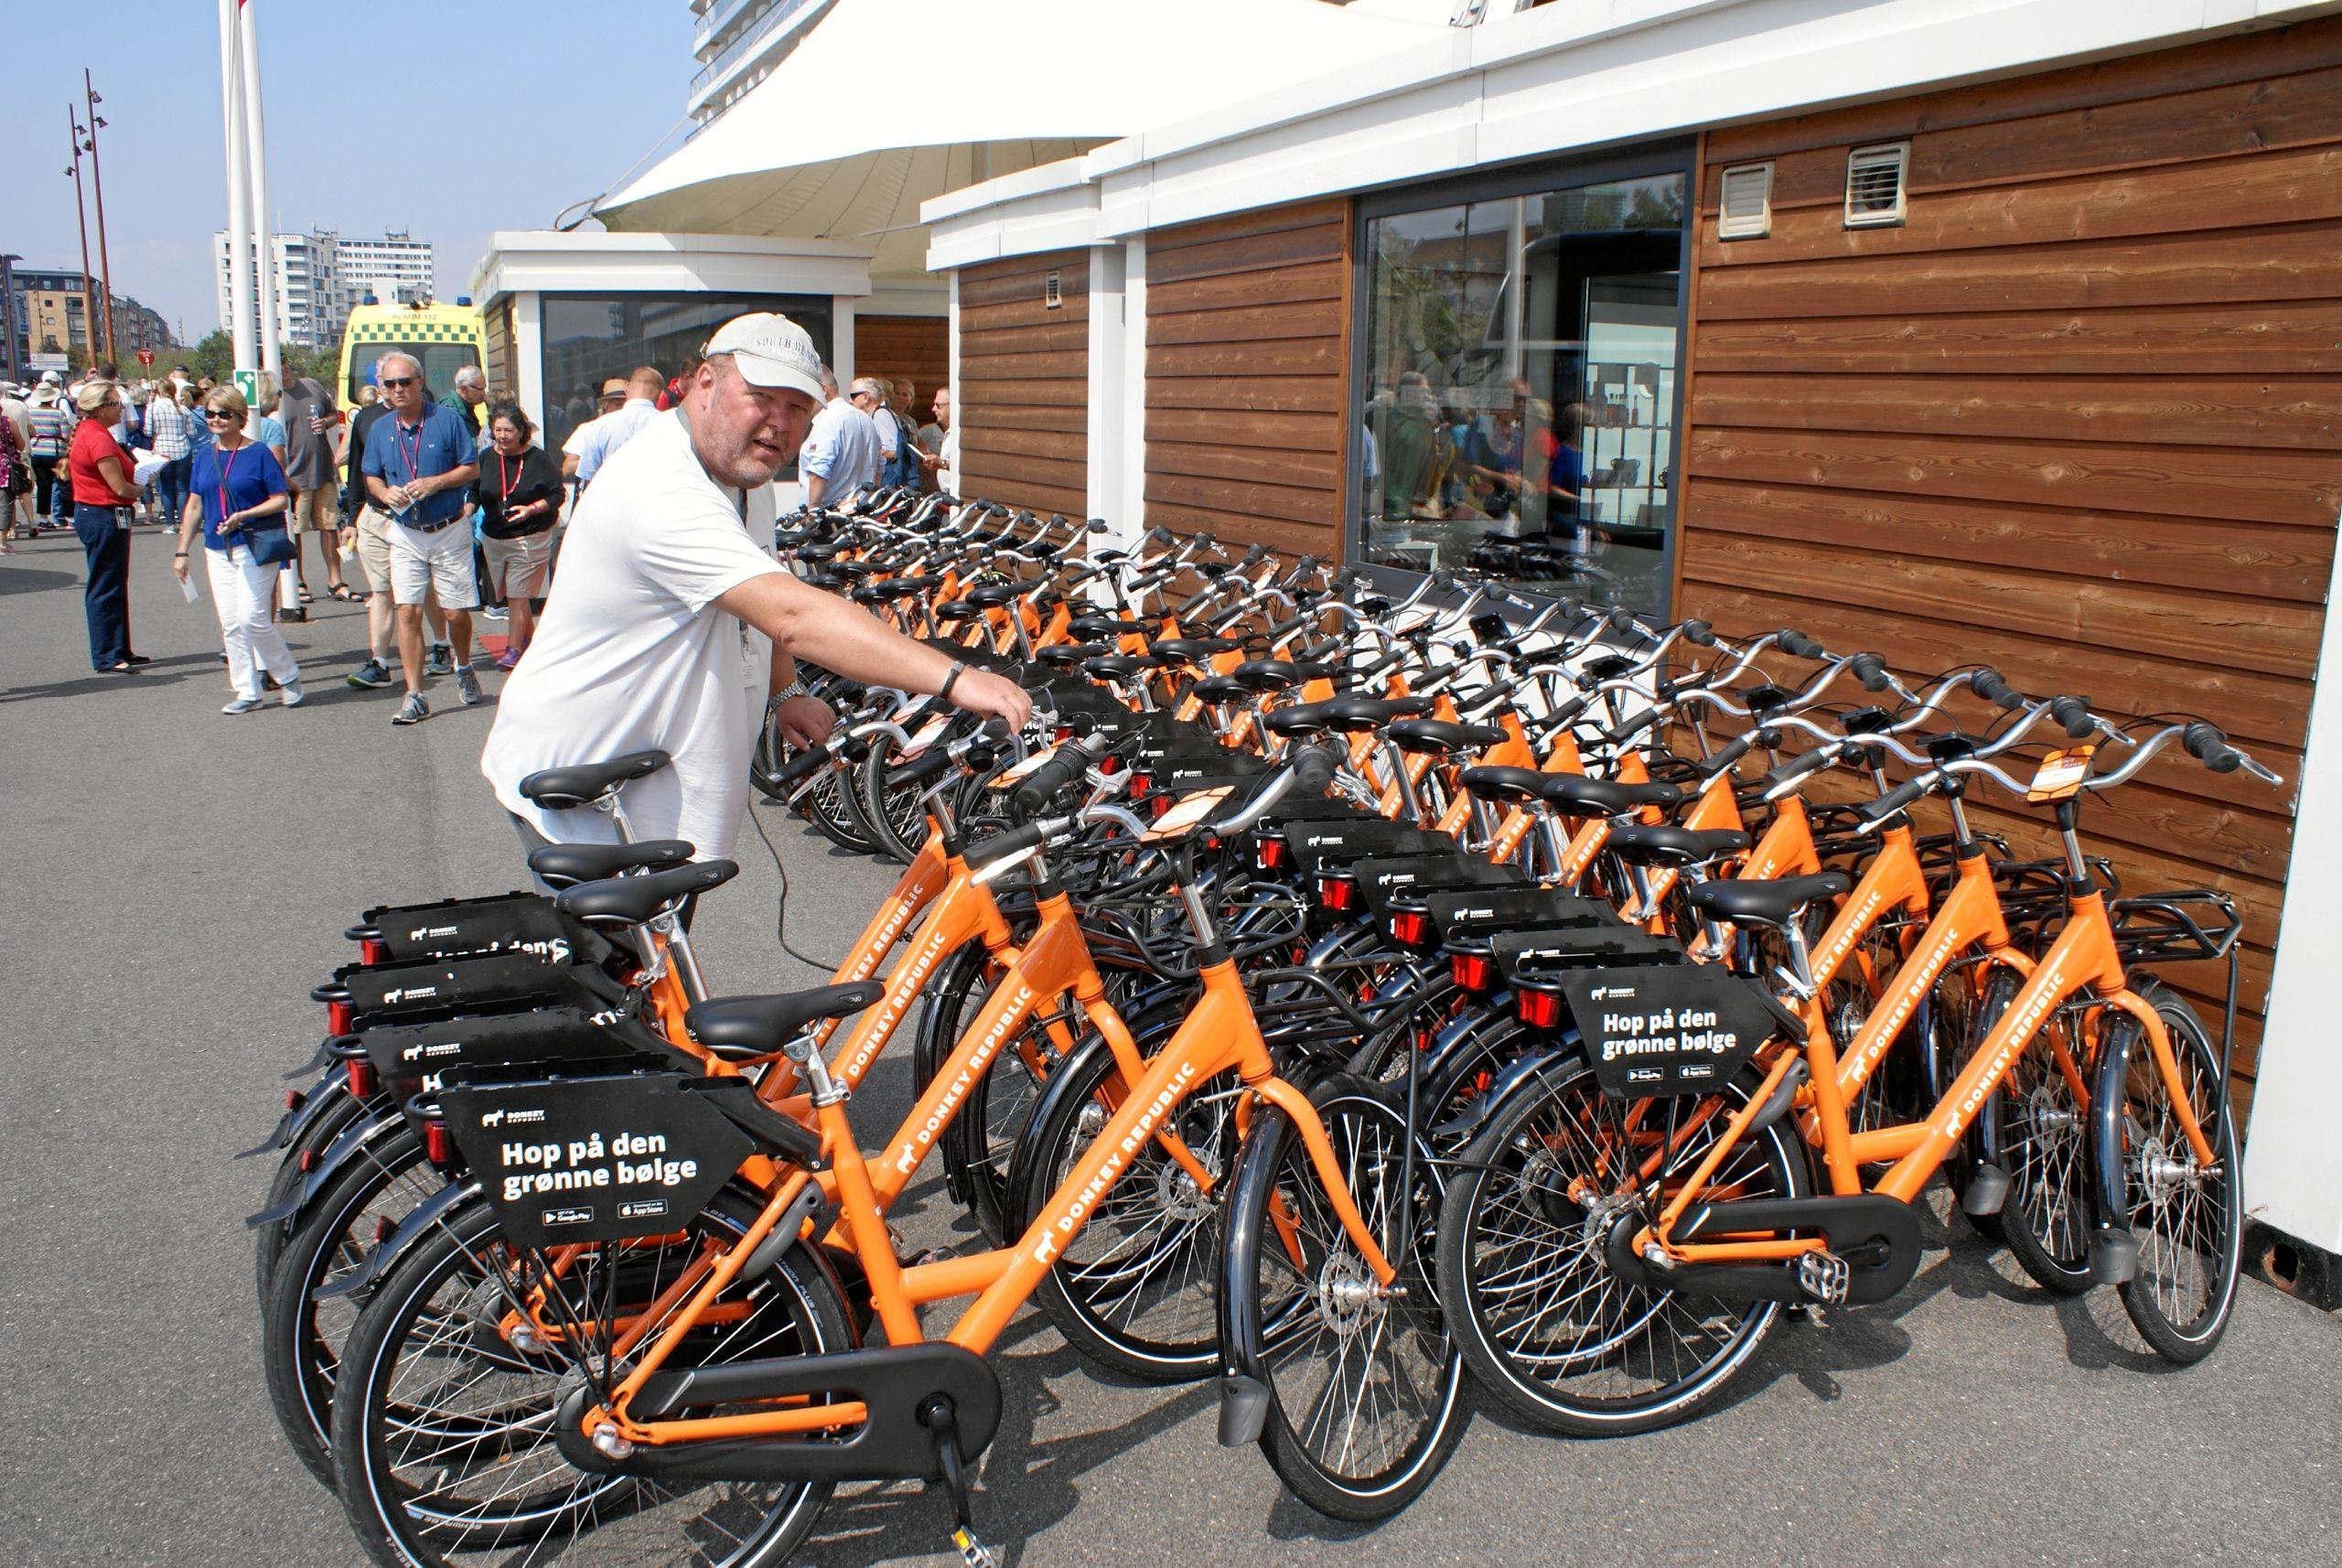 Cruise manager, Lars Bech, tjekker at bycyklerne er klar til de amerikanske krydstogtgæster. Foto: Ole Skouboe